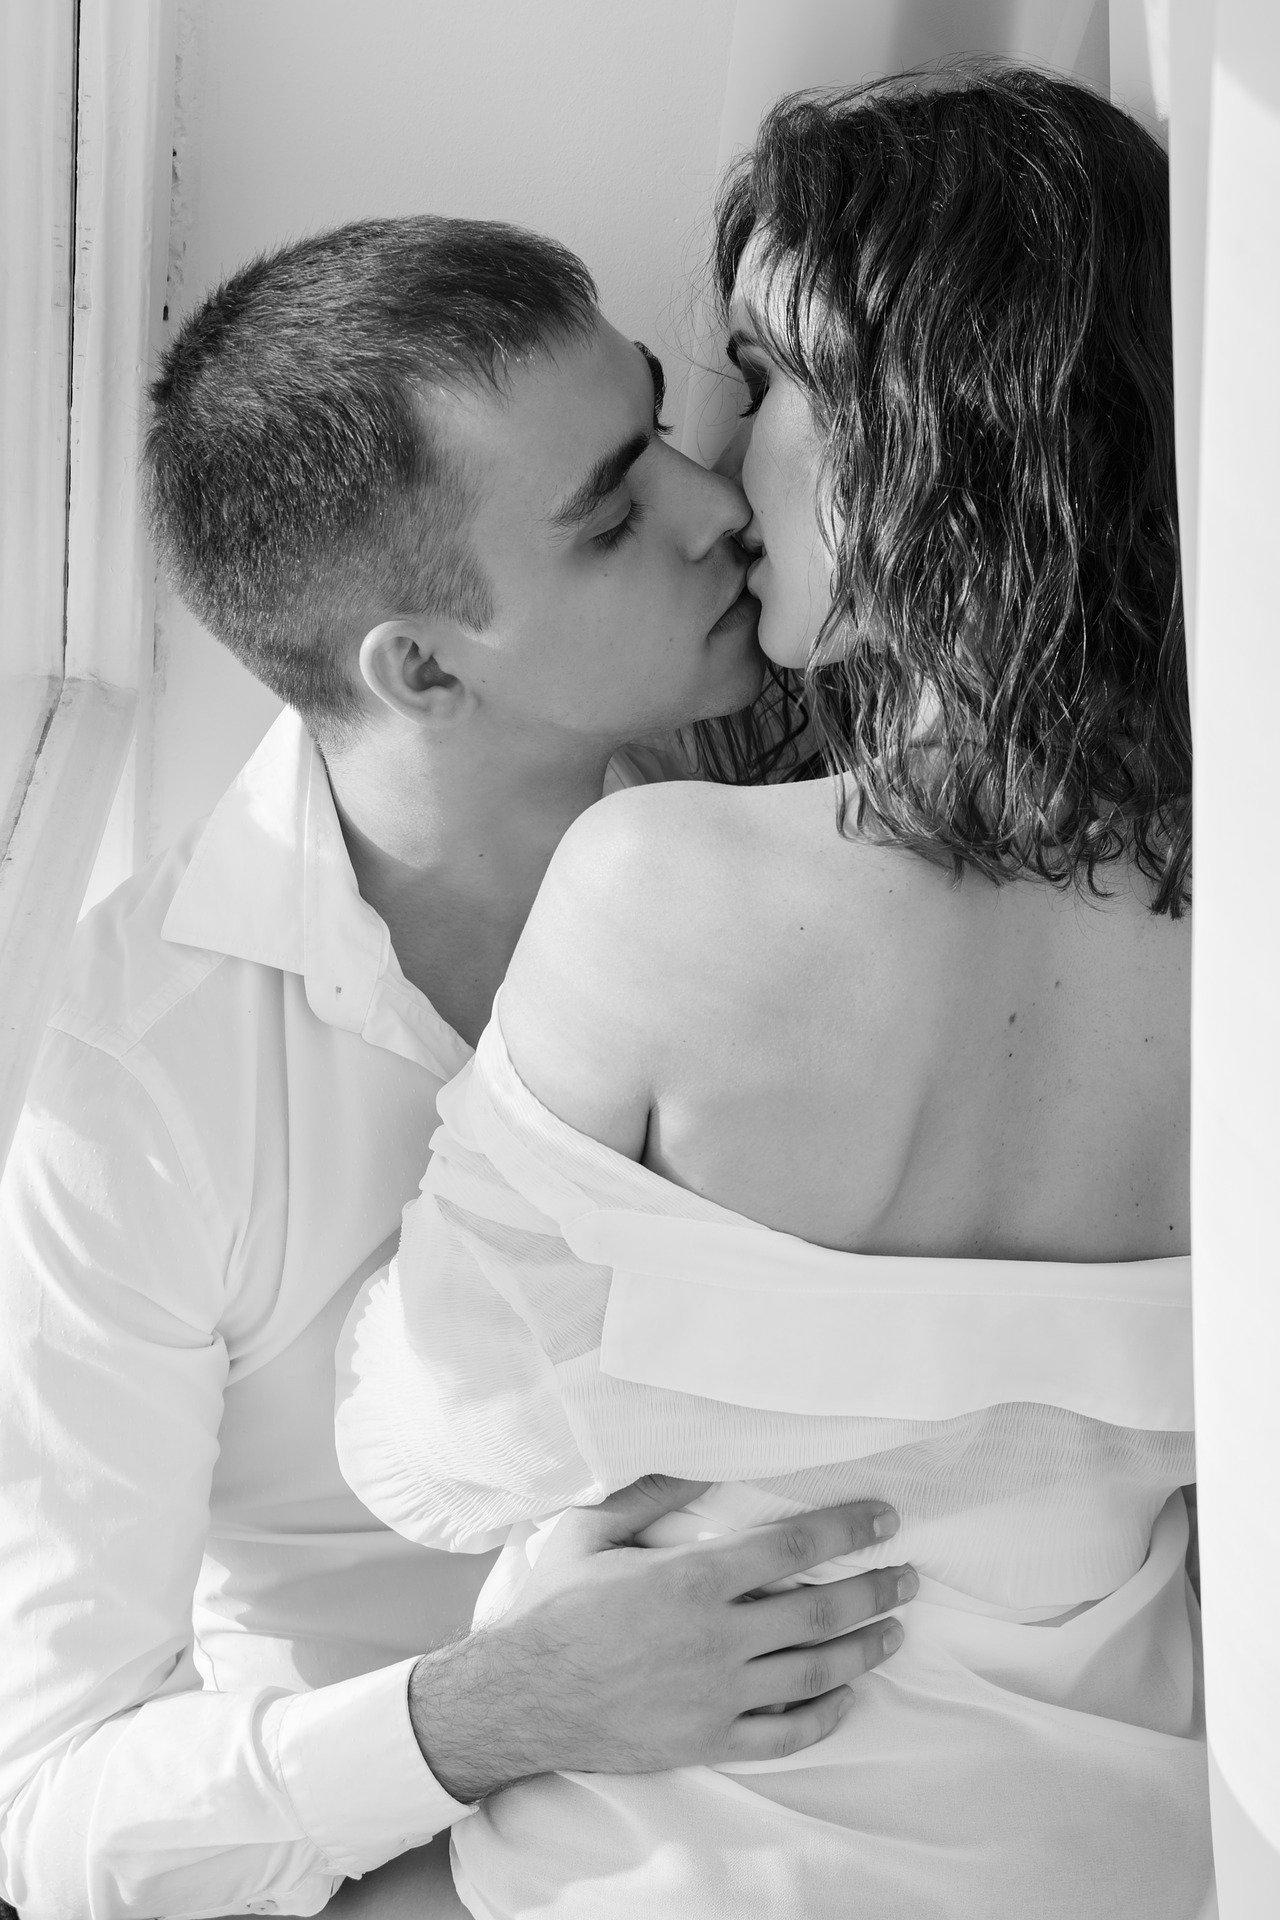 kiss-1858088_1920.jpg